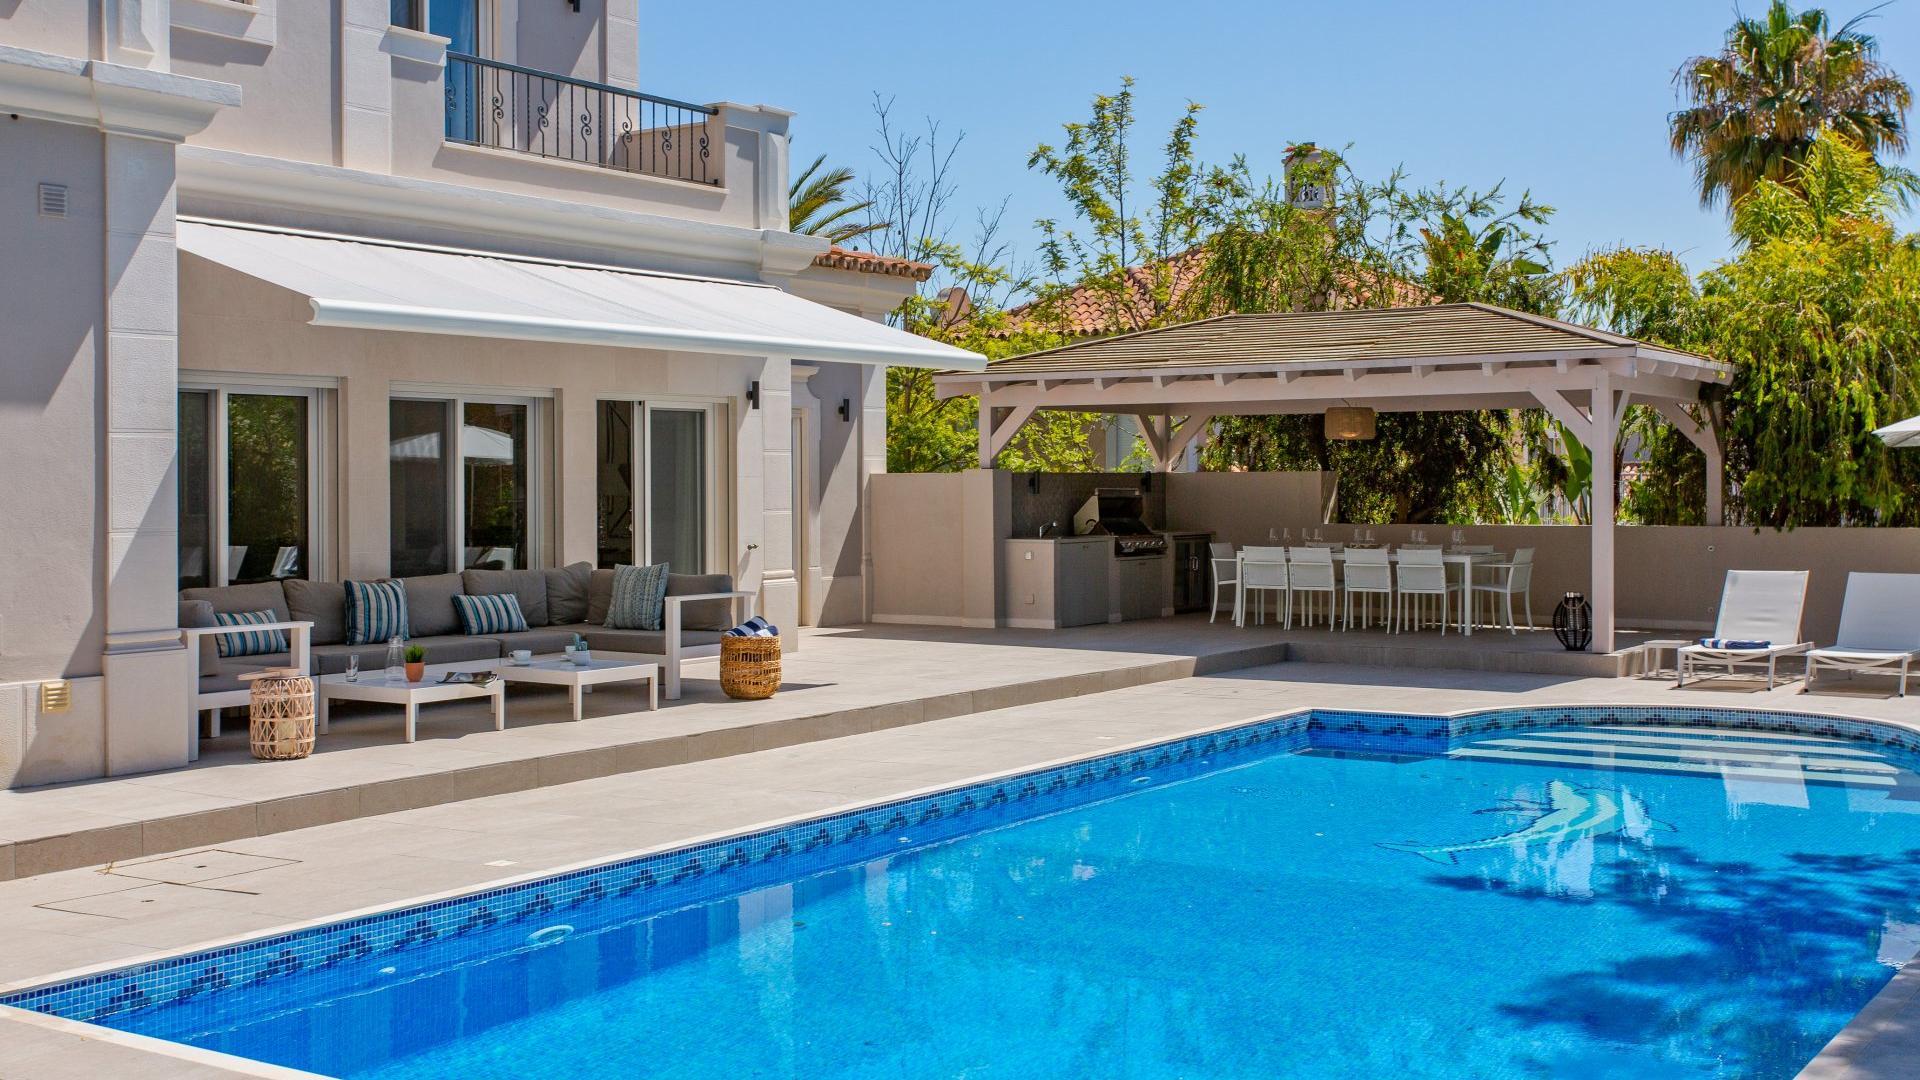 Villa Macaco - Quinta do Mar, Quinta do Lago, Algarve - _O5A8858.jpg